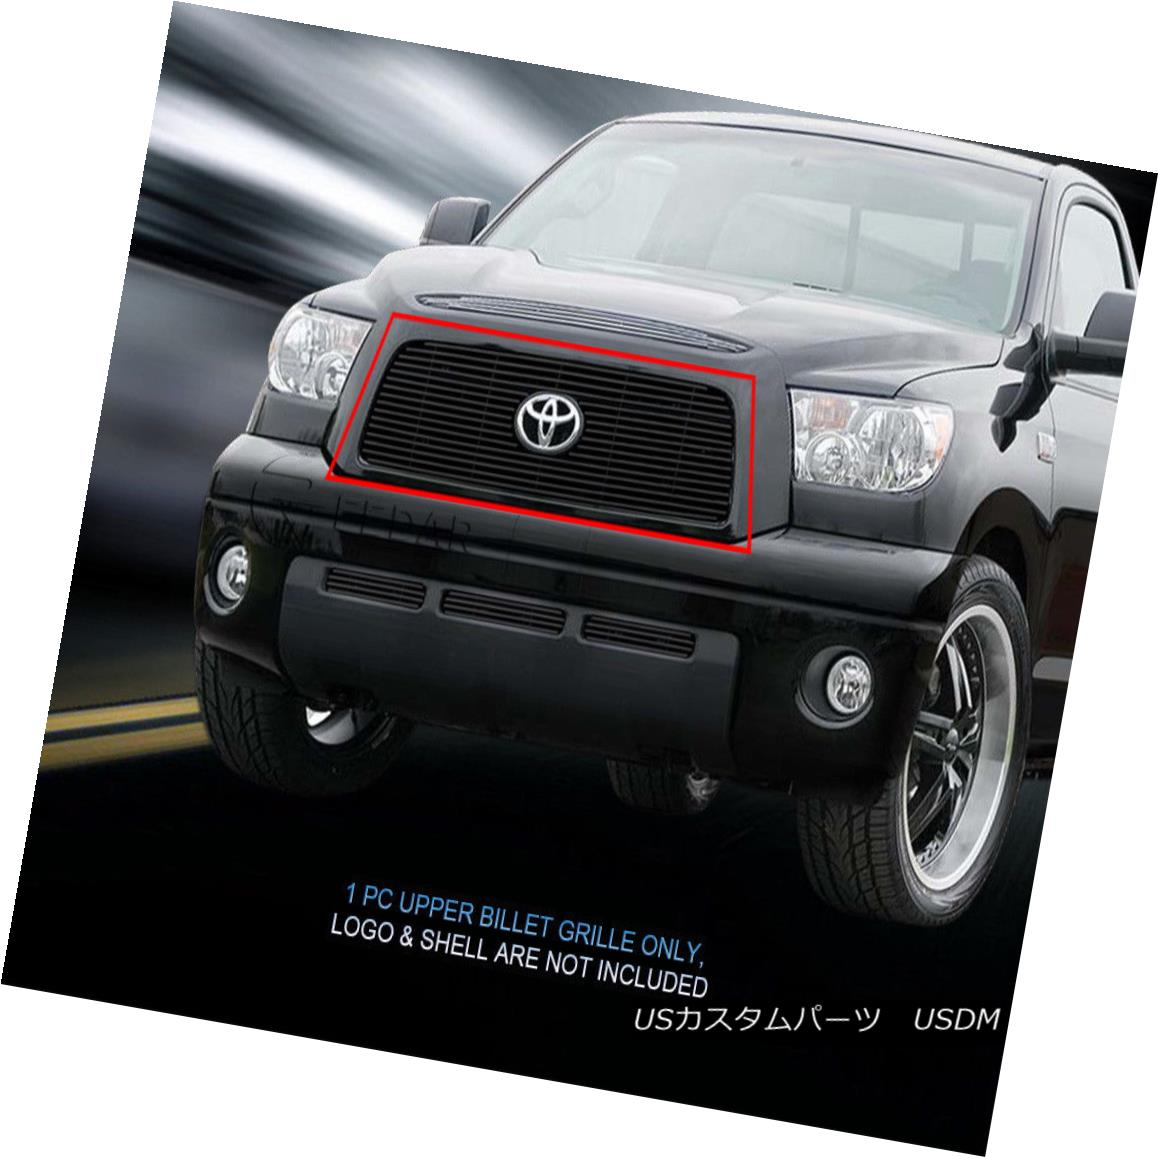 グリル Fedar Fits 2007-2009 Toyota Tundra Black Main Upper Logo Show Billet Grille Fedarは2007-2009年に合うToyota Tundra BlackメインアッパーロゴショーBillet Grille